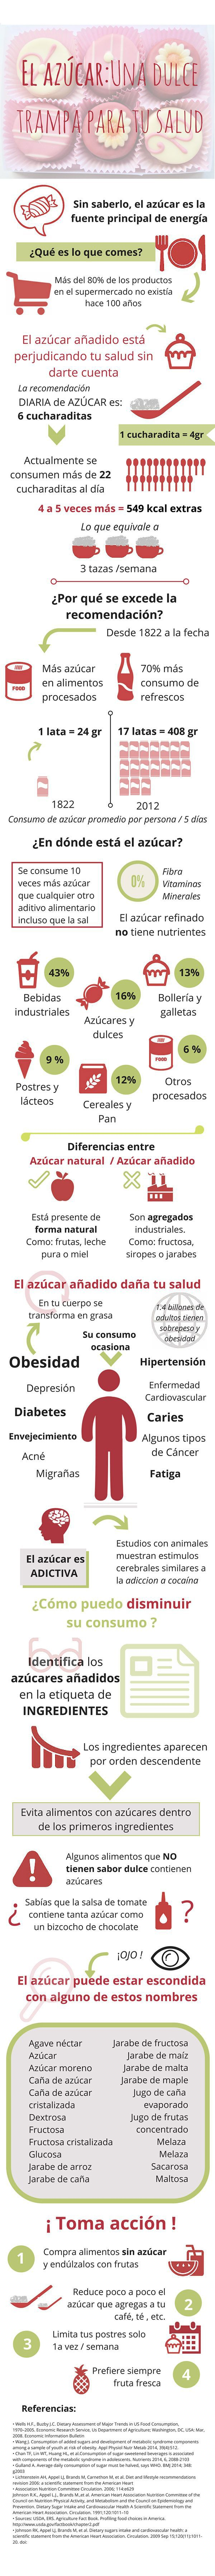 Azucar: Una dulce trampa para tu salud. #Infografía #ViveSaludable #ViveCelebrithings